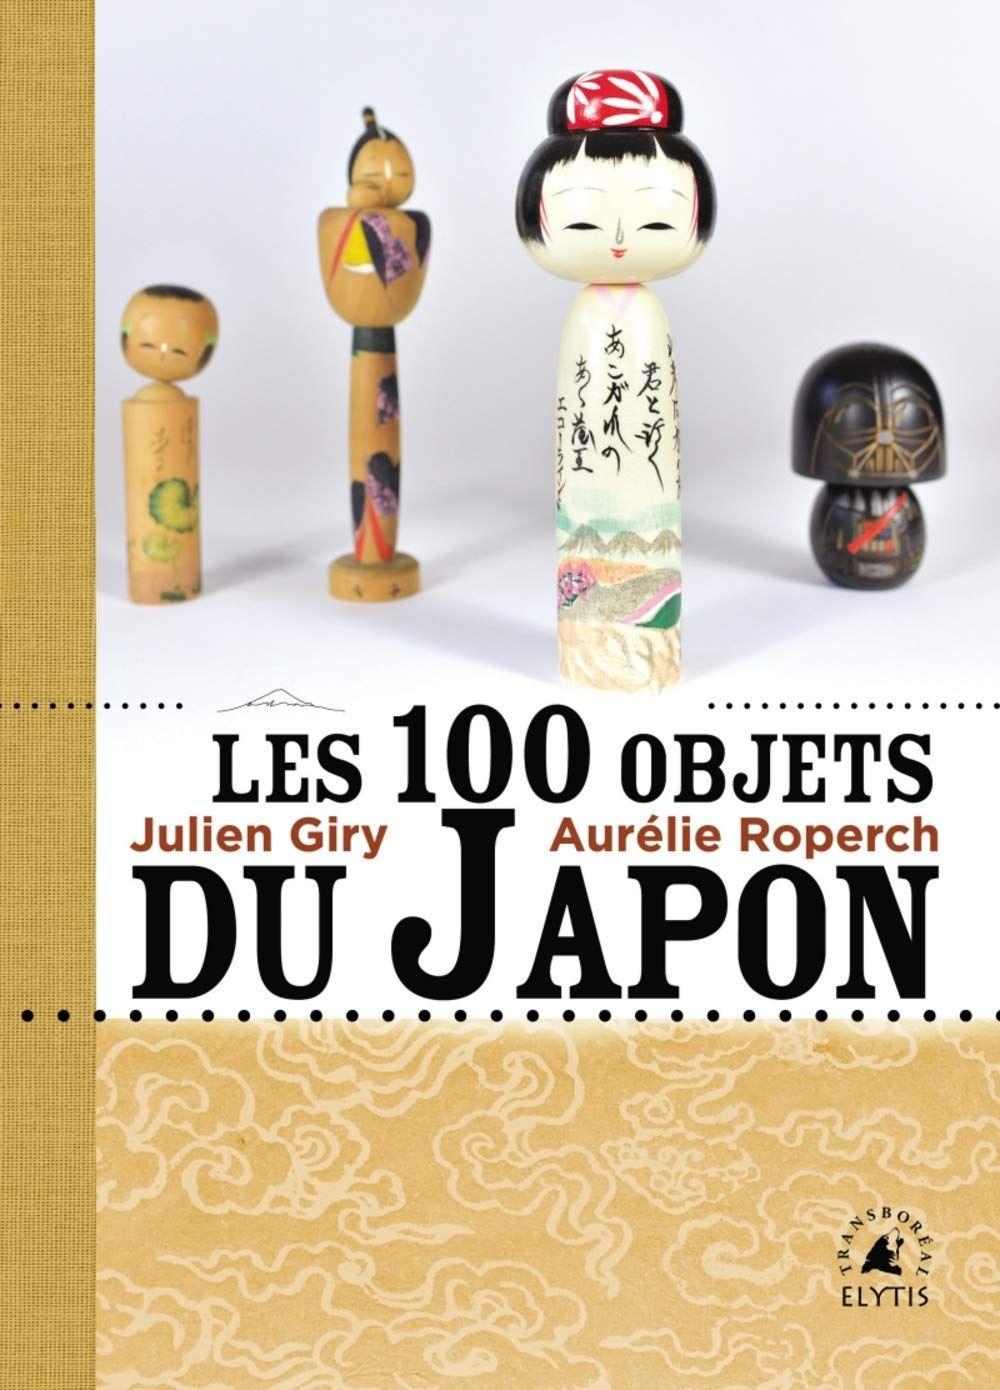 """""""Les cent objets du Japon"""" de Julien Giry et Aurélie Roperch : découvrir le Japon par ses objets quotidiens, original et amusant !"""